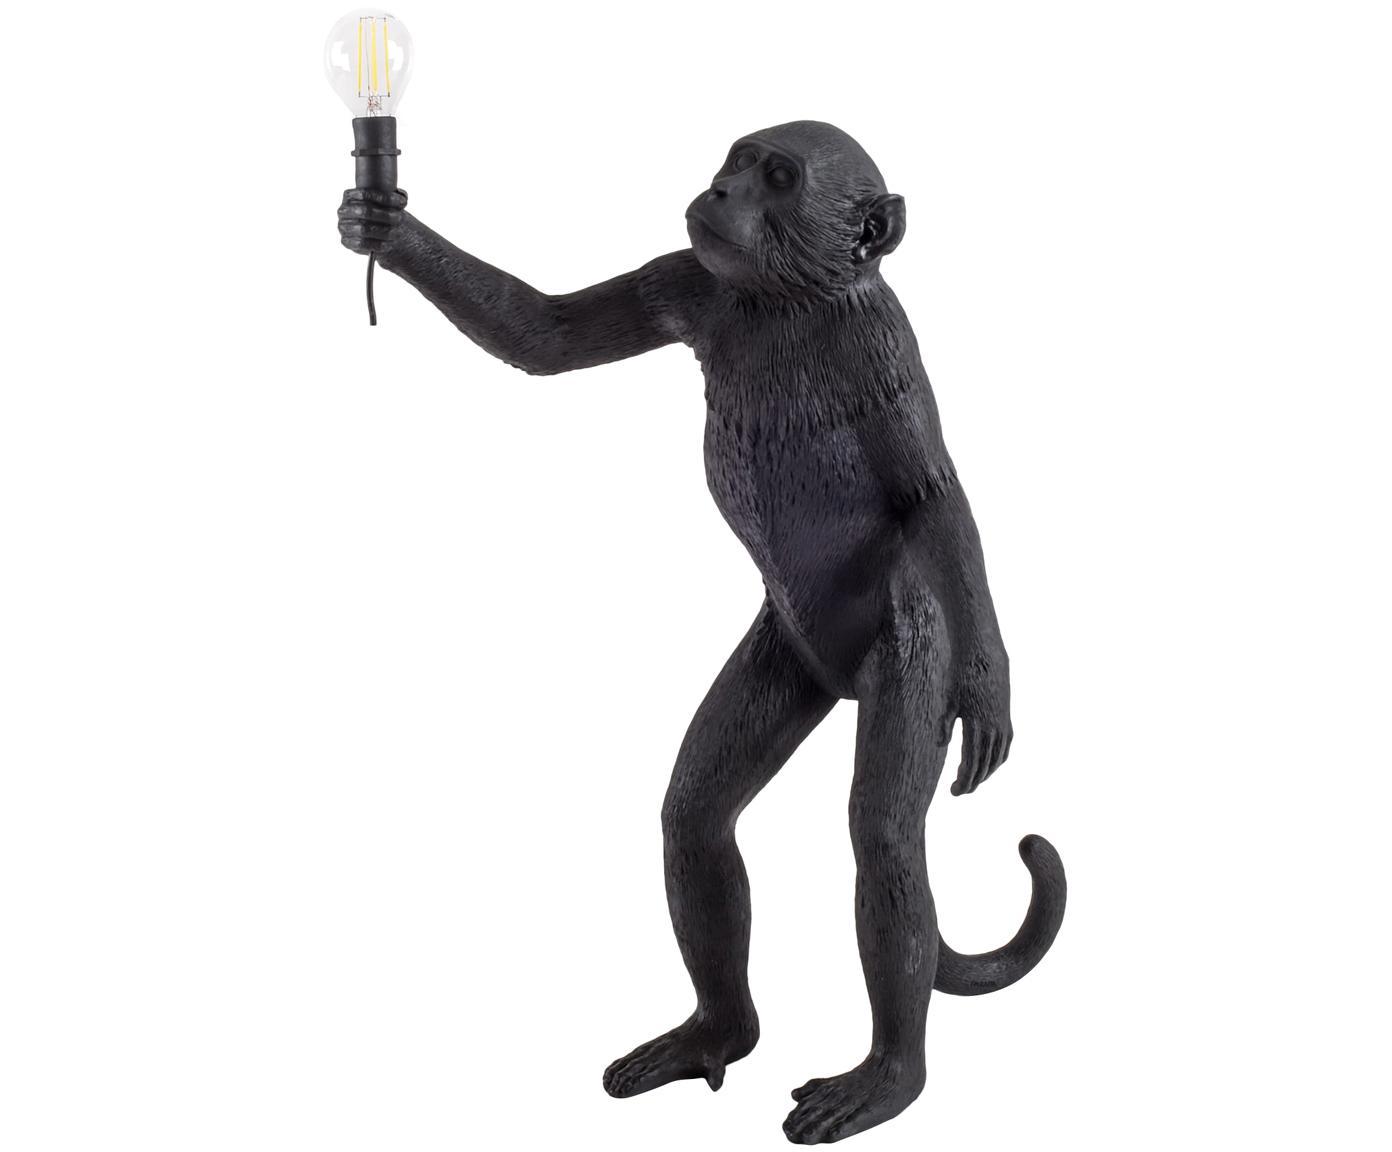 Aussen-Tischleuchte Monkey, Kunstharz, Schwarz, 46 x 54 cm